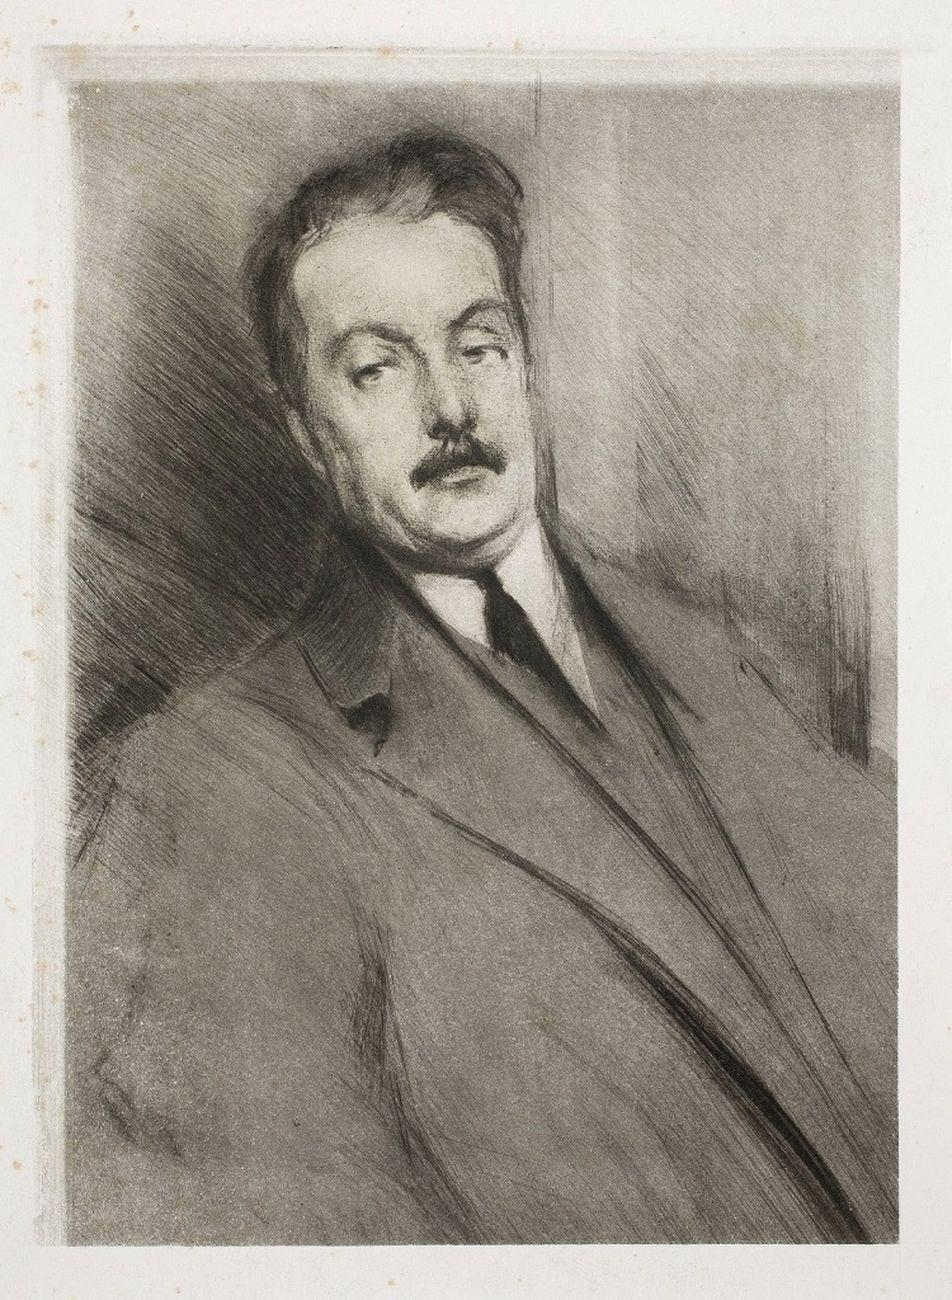 Adolfo Hohenstein, Borghese con il volto di Giacomo Puccini, 1896. Archivio Storico Ricordi, Milano